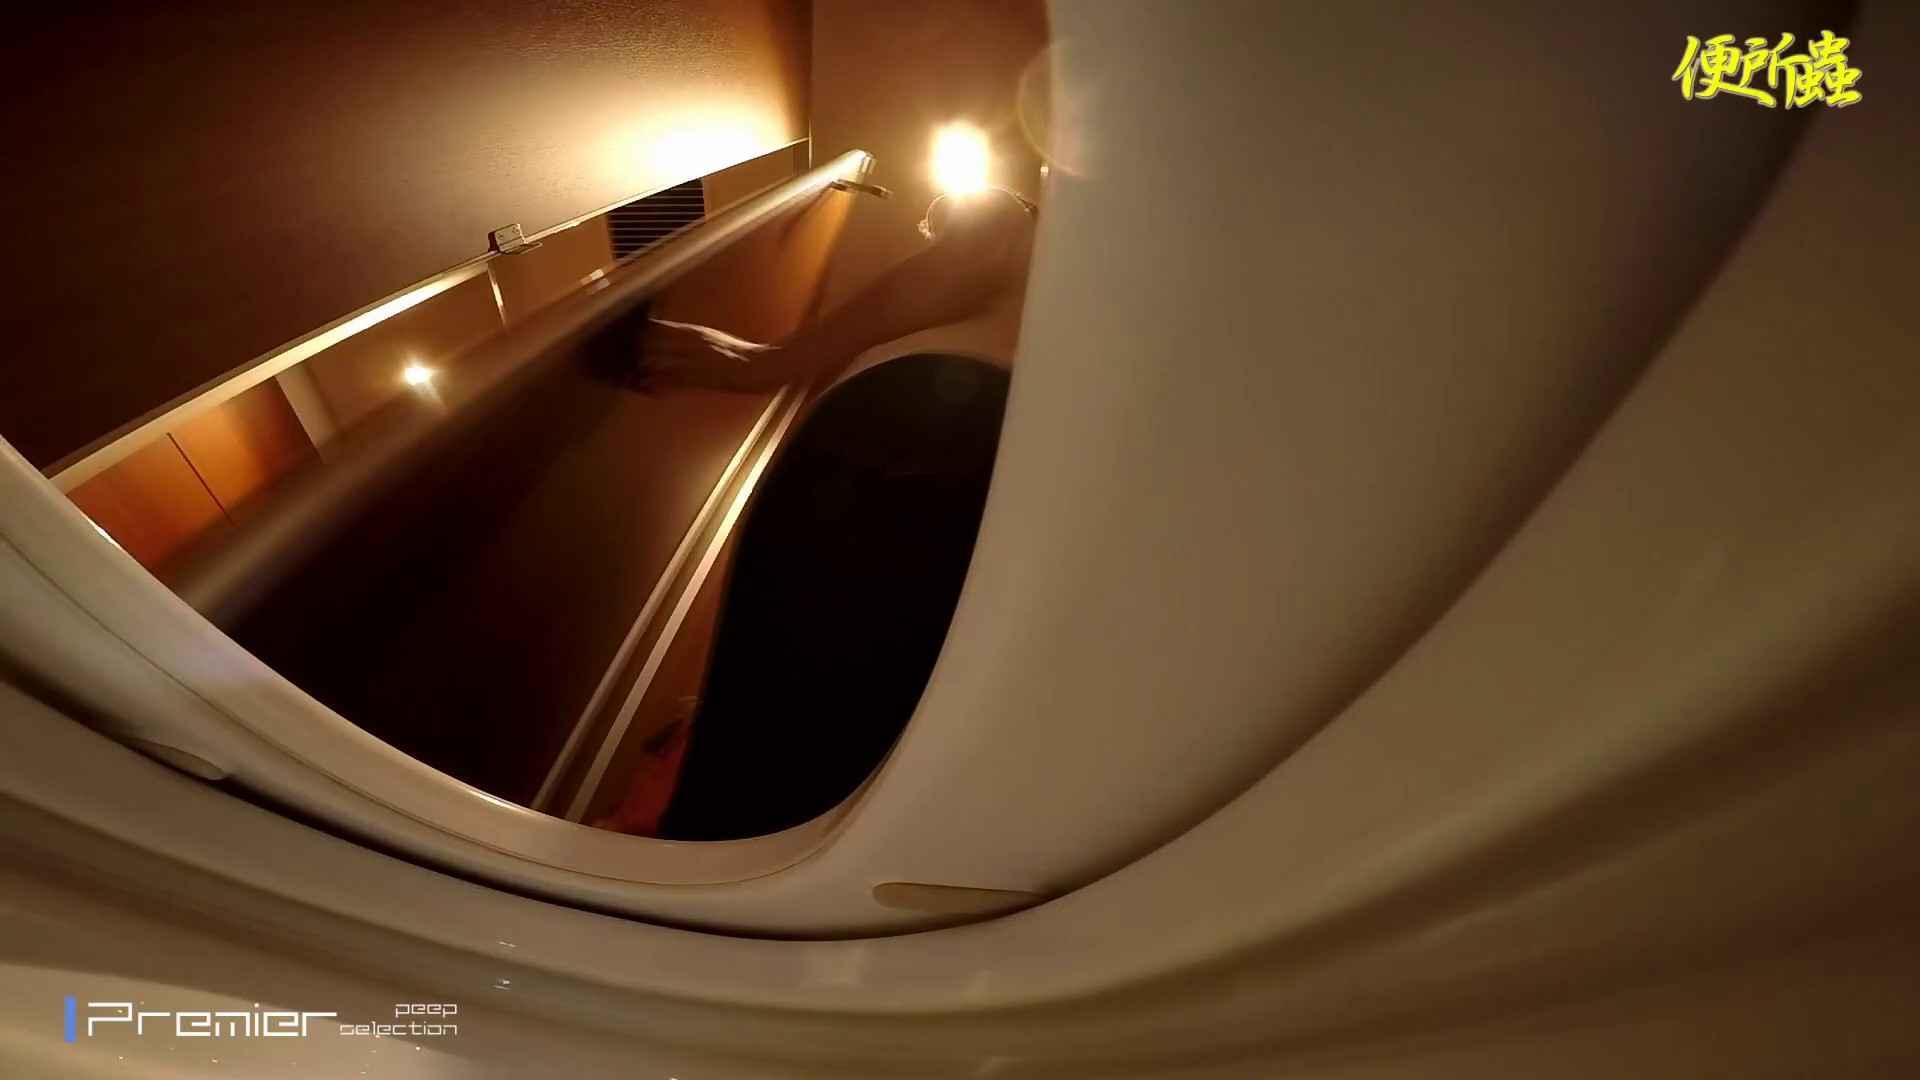 【洗面所盗撮】便所蟲さんリターン vol.24 便所 覗きおまんこ画像 71pic 69